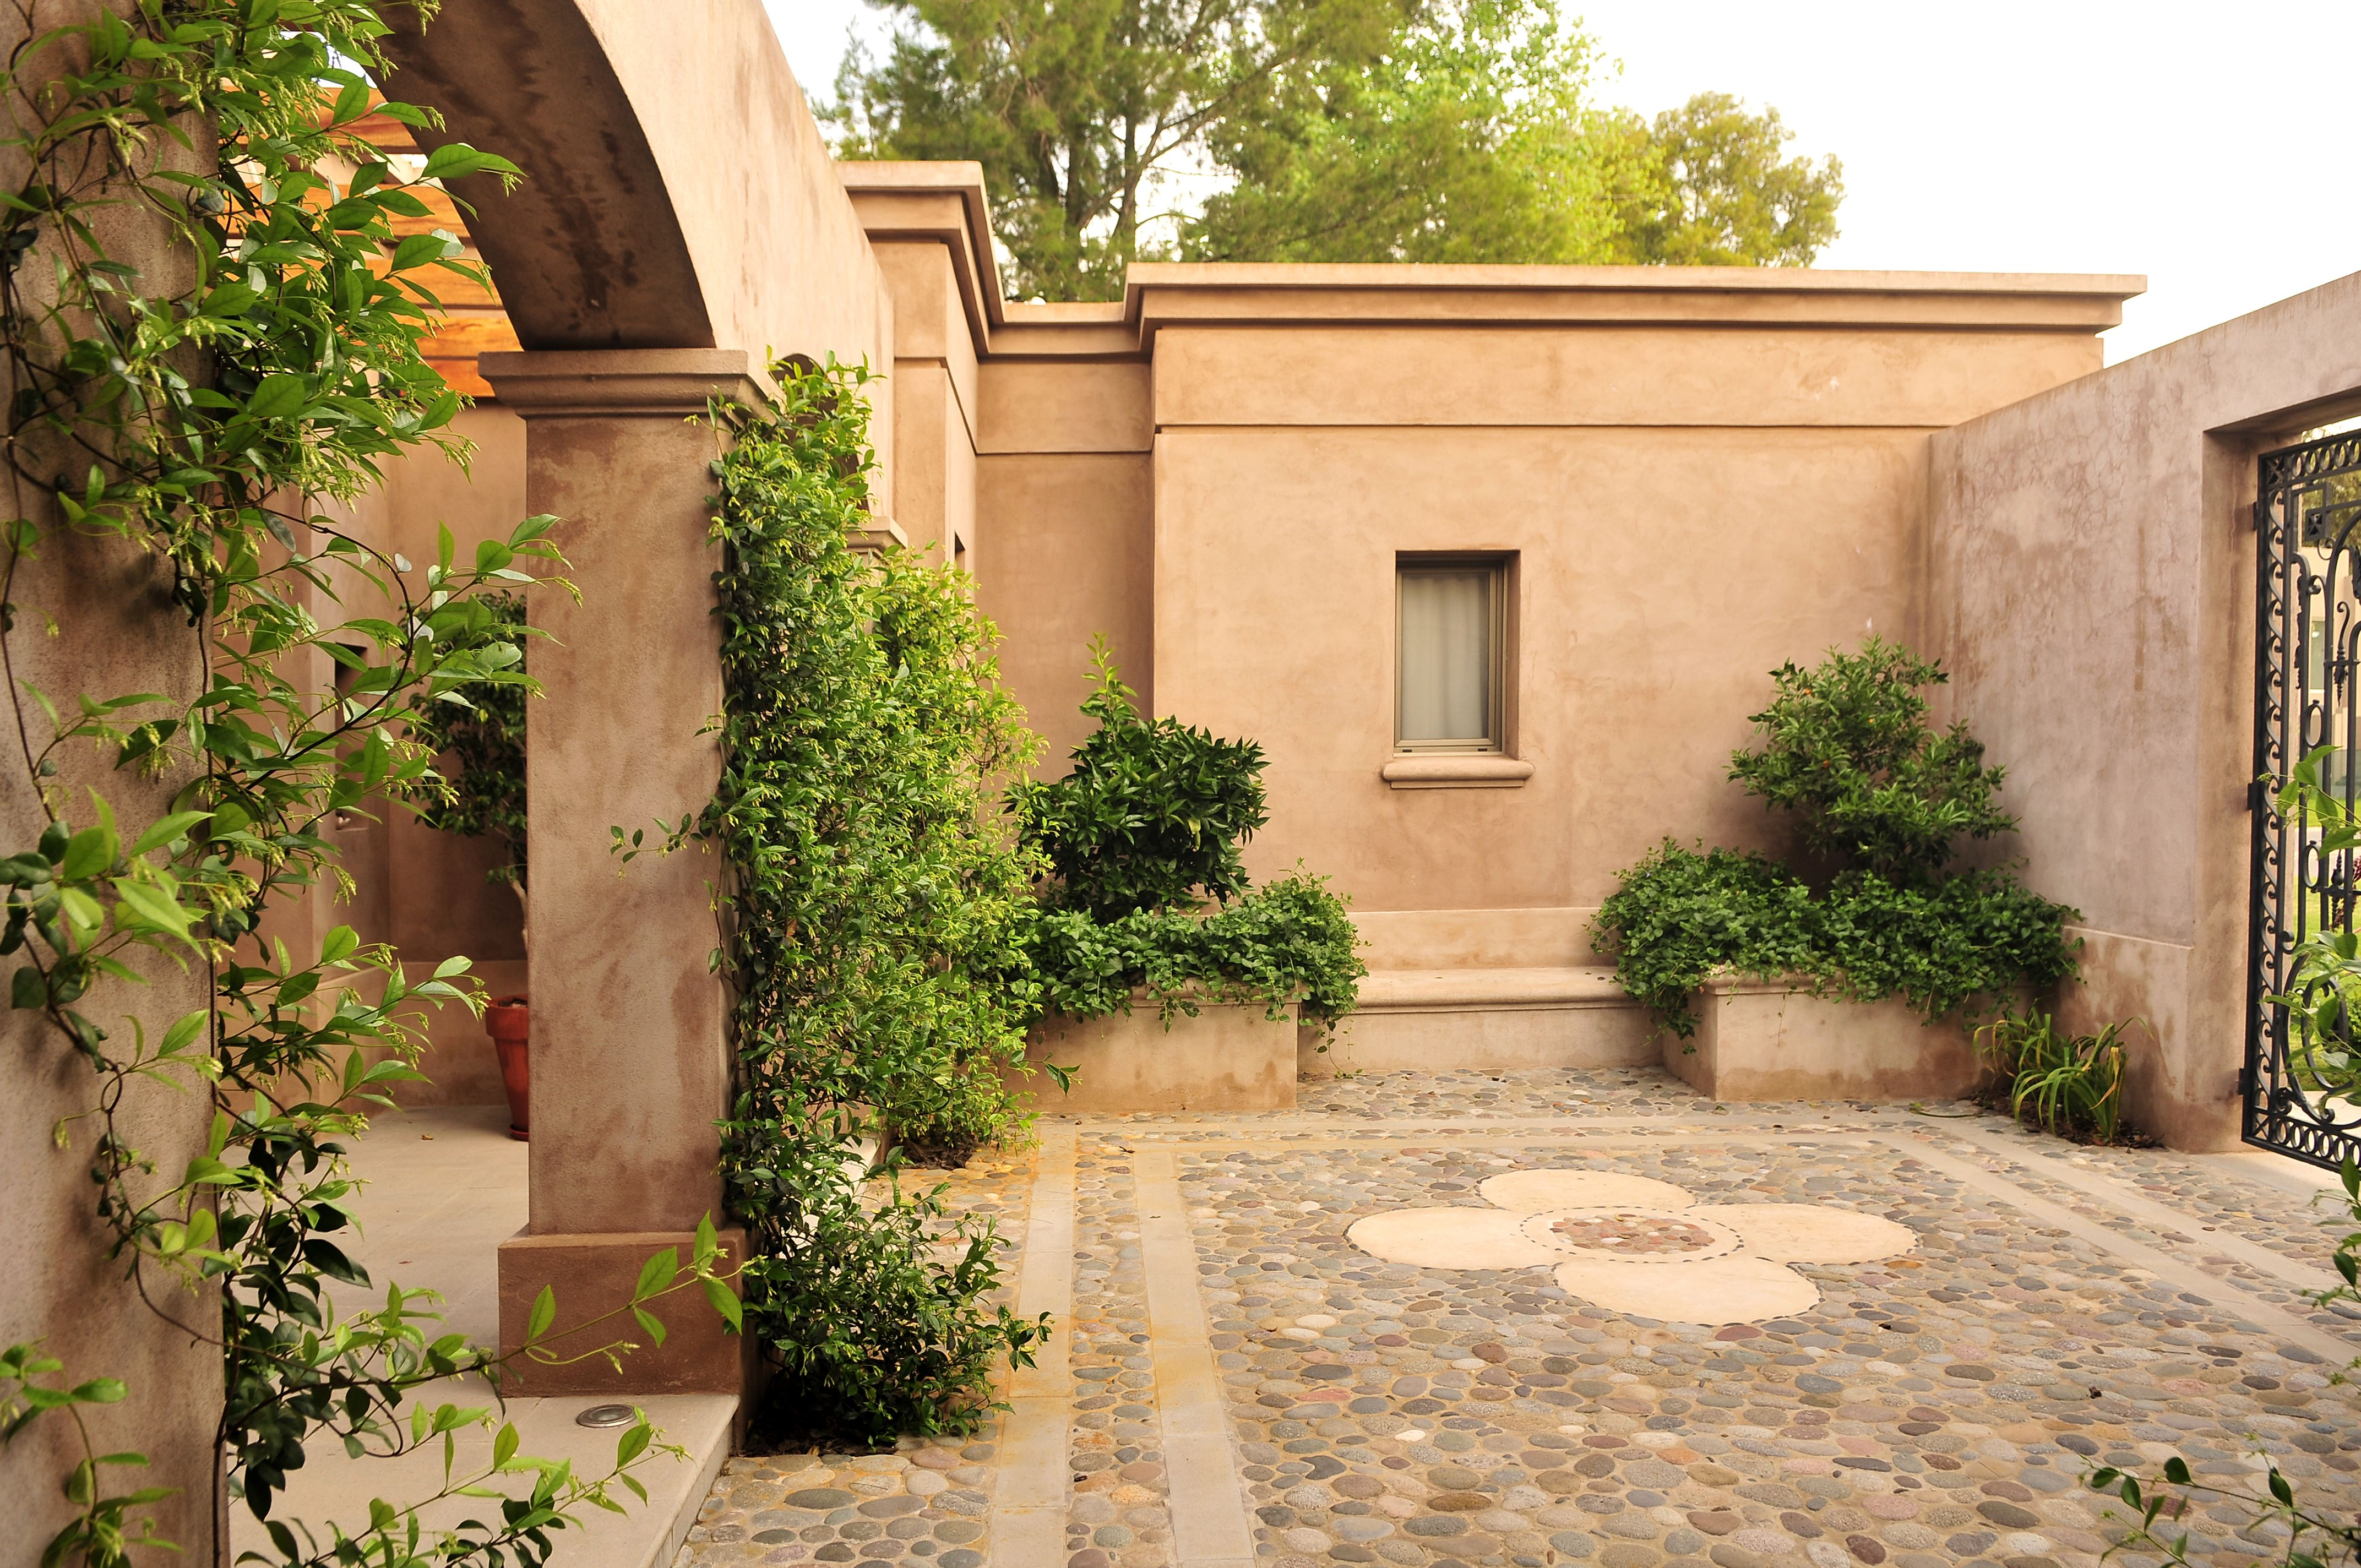 Arquitectura paisajismo ricardo pereyra iraola for Paisajismo de patios